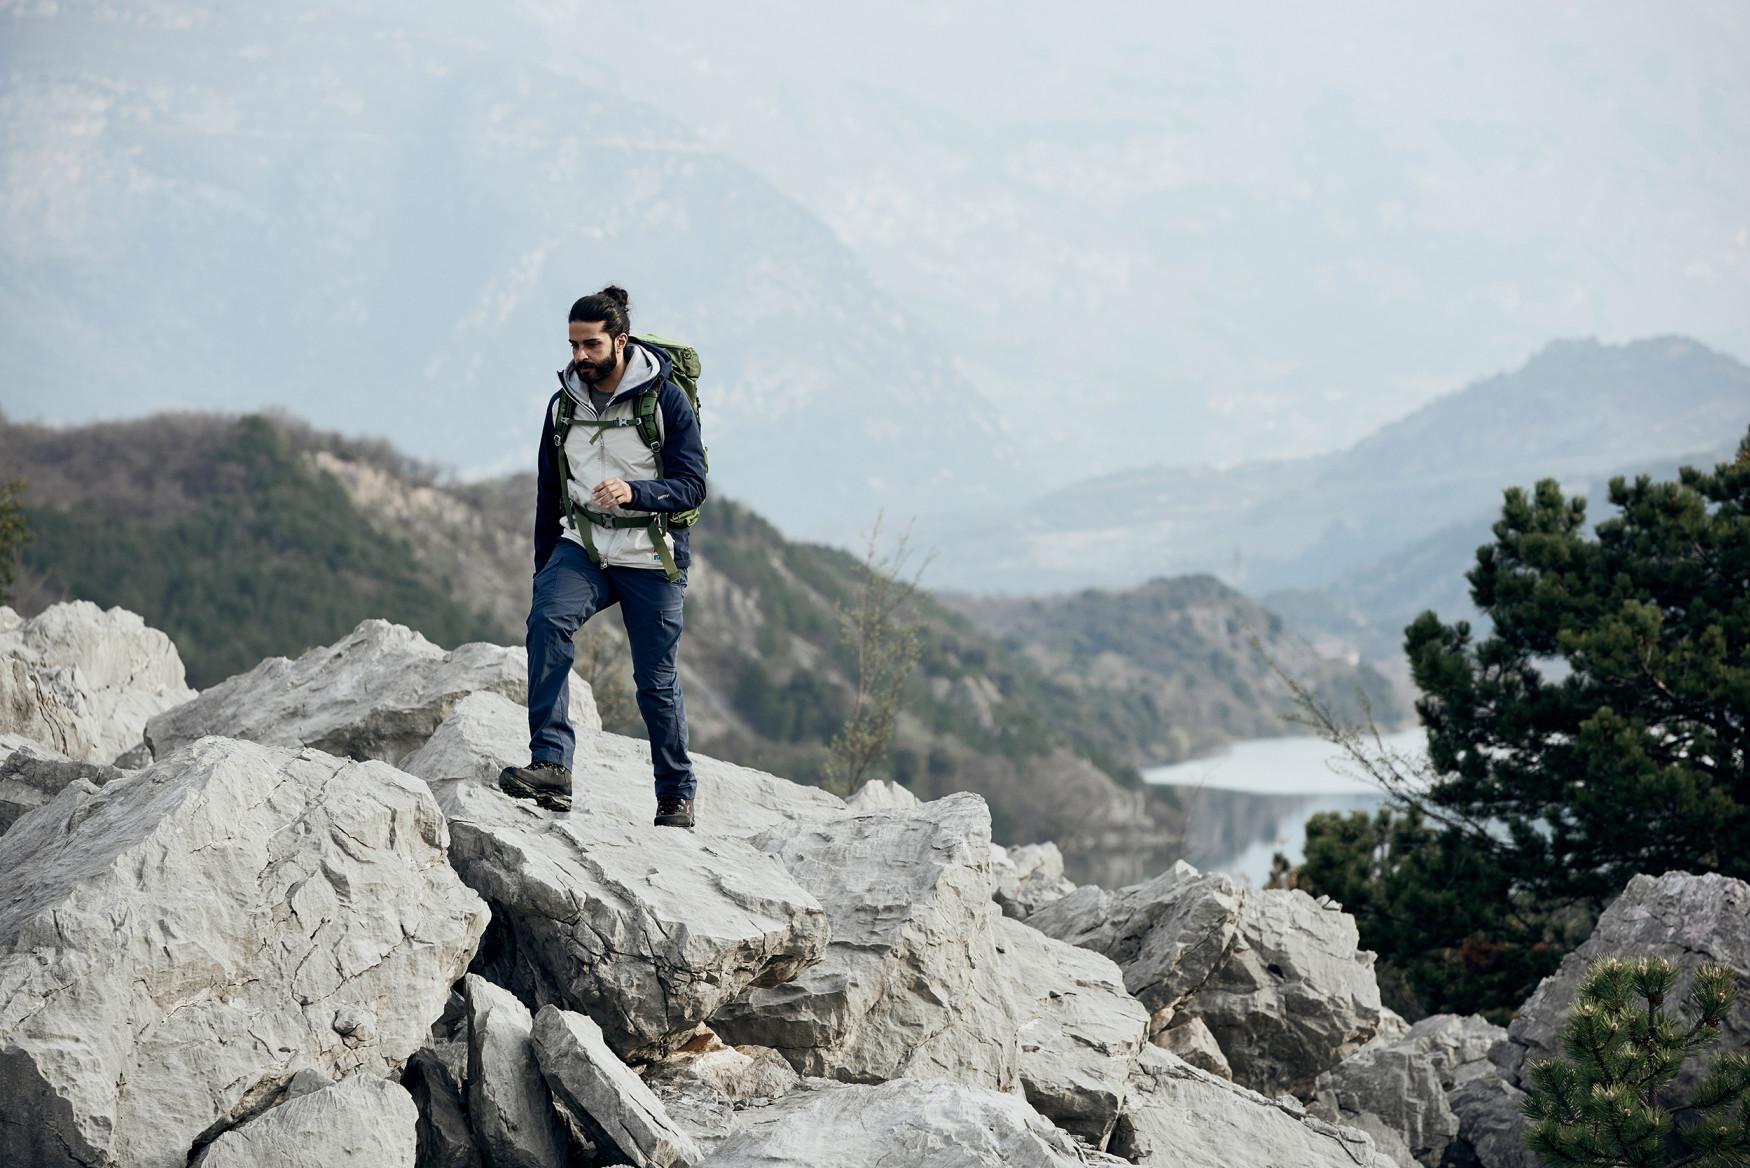 Ein Klassiker. Ein Alleskönner. Mit dem TICAM II GTX hat LOWA einen stabilen sowie bequemen Schuh geschaffen, der es mit anspruchsvollen Bergtouren genauso gerne aufnimmt, wie mit Klettersteigen. Außen mit schönem Veloursleder ausgestattet, kommt im Innenleben GORE-TEX zum Einsatz. Damit es auch bei nassen Verhältnissen schön trocken zugeht. Mit der Vibram®-APPTRAIL-Sohle gehts auch in anspruchsvollem Gelände gut voran.